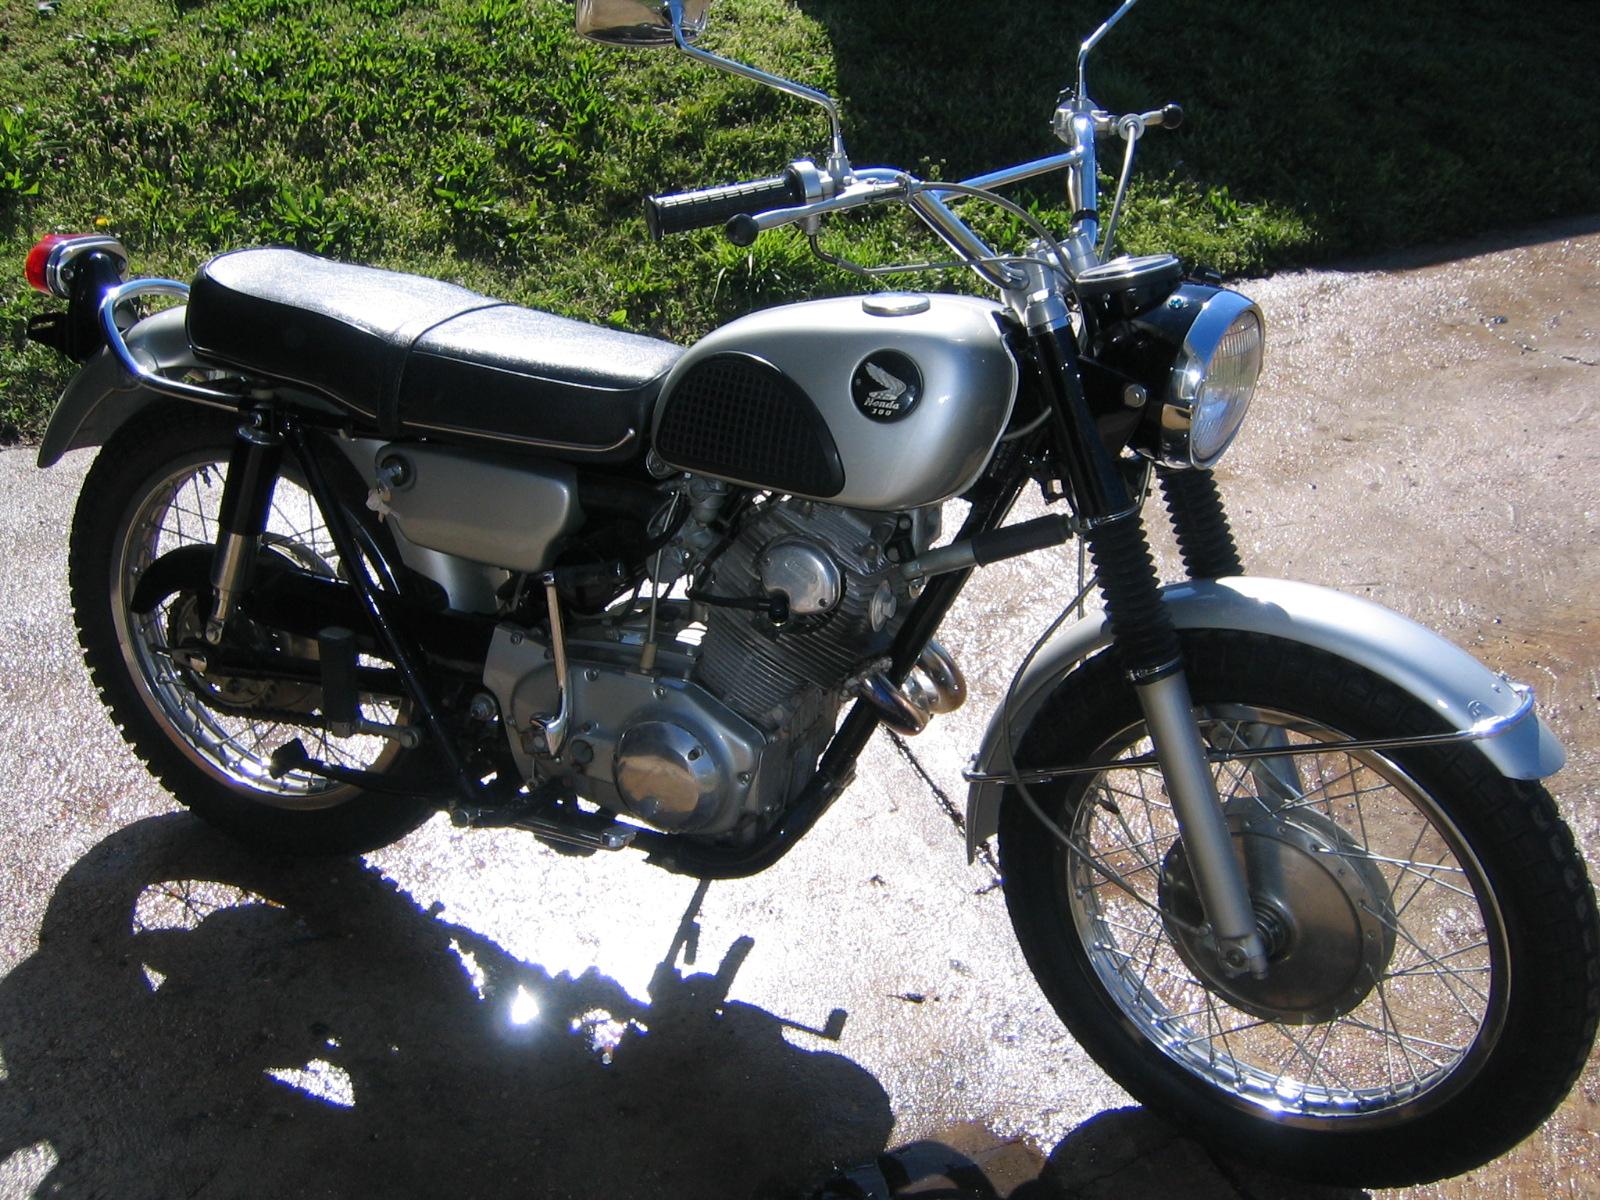 1967 Honda CL 77 305 Scrambler